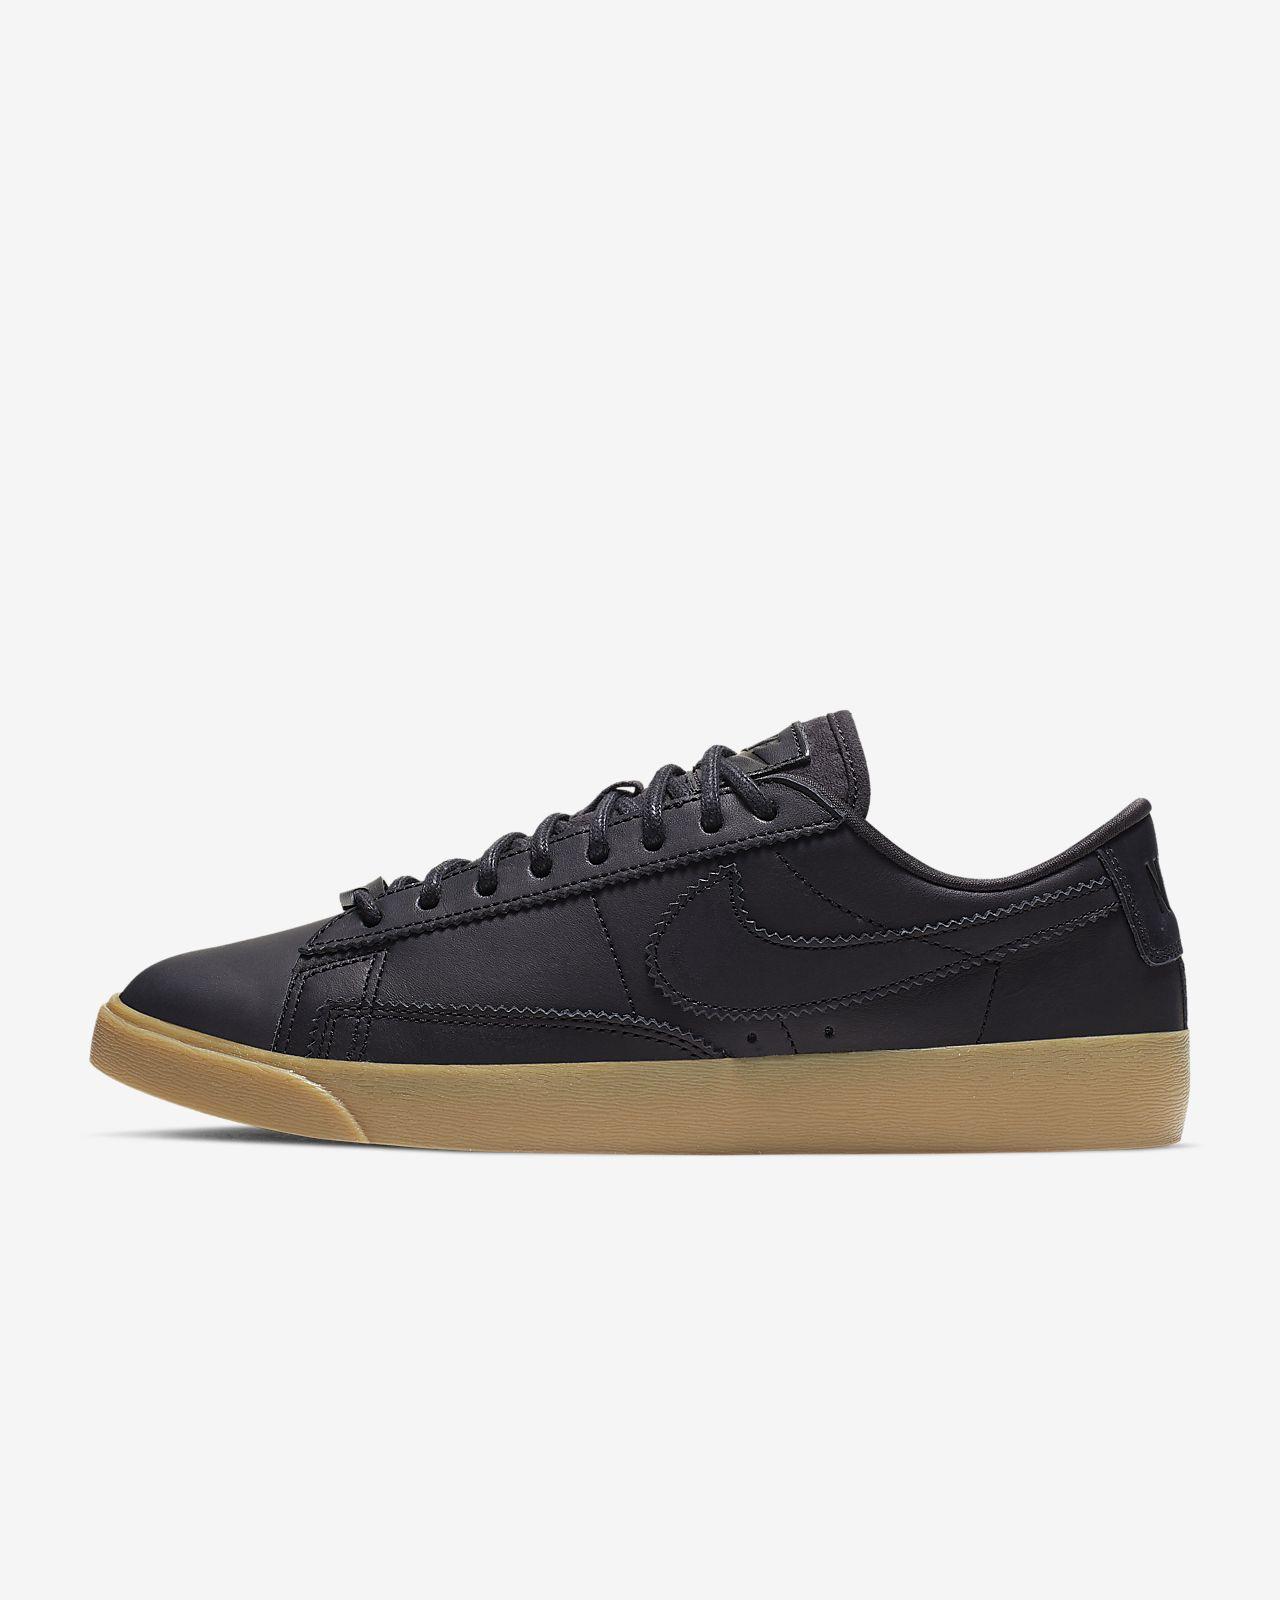 wholesale dealer abf5d cd776 ... Chaussure Nike Blazer Low LXX pour Femme